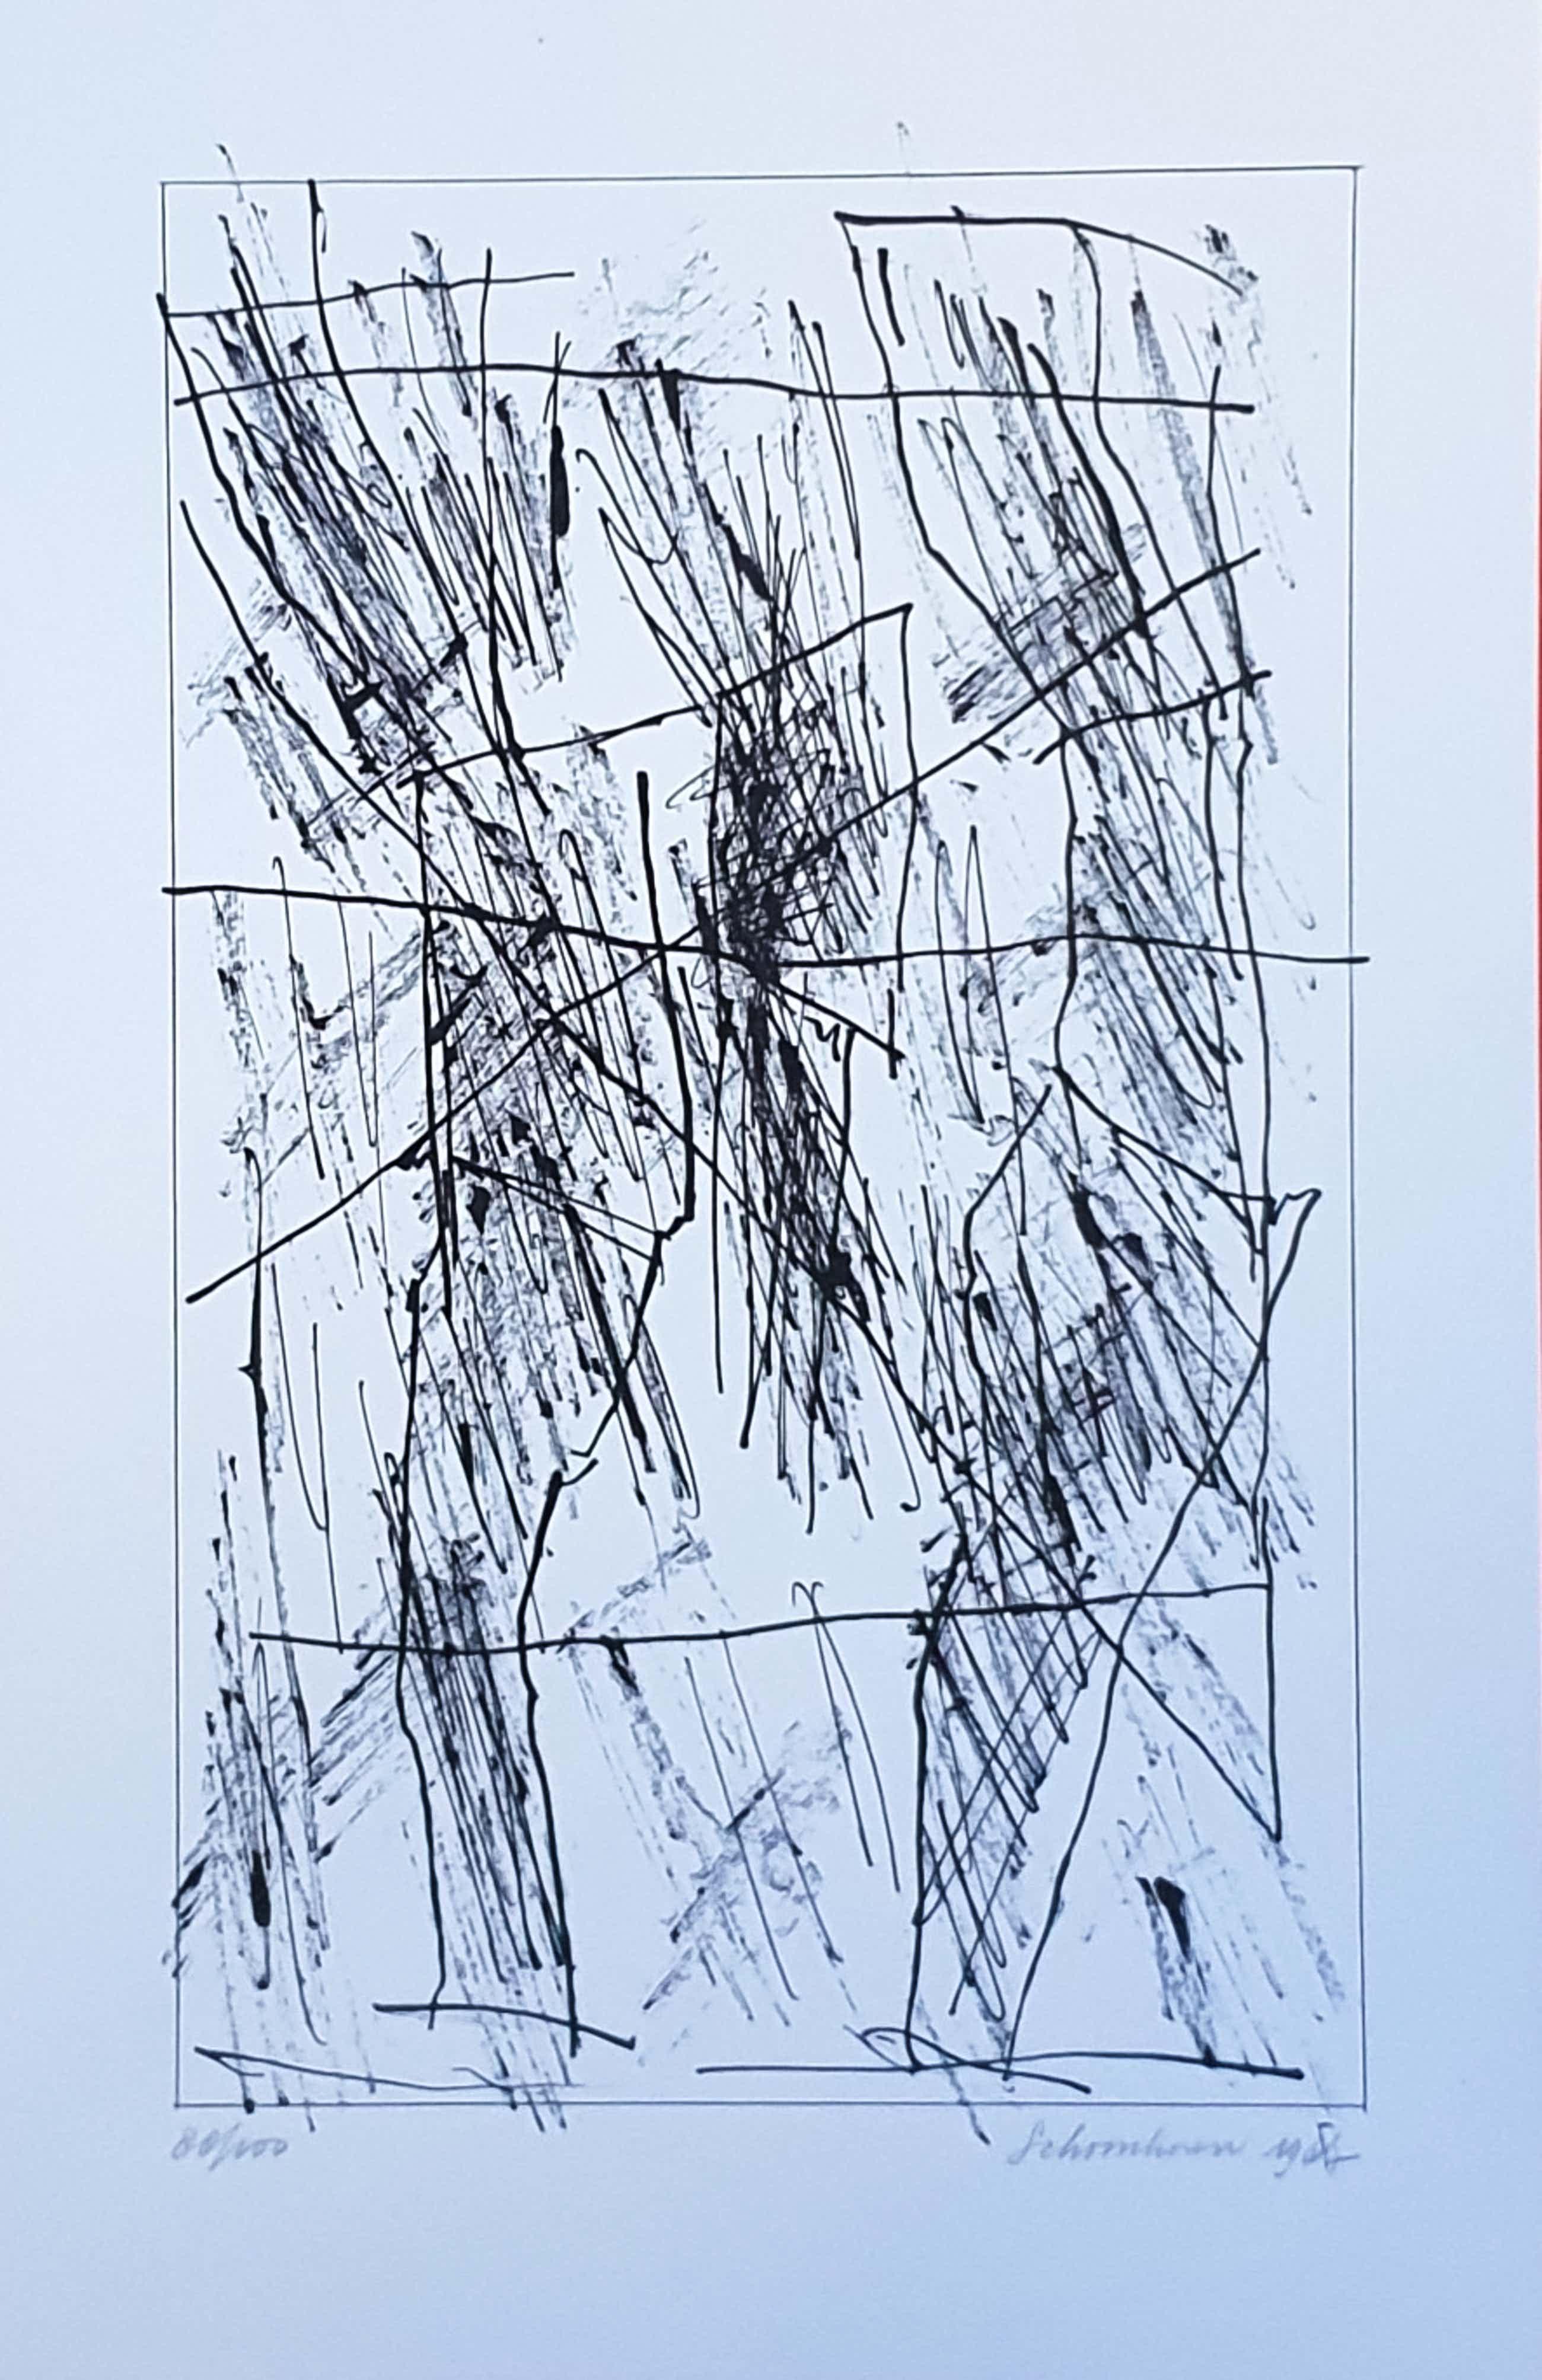 Jan Schoonhoven - Formatie-1987-88/100 kopen? Bied vanaf 192!